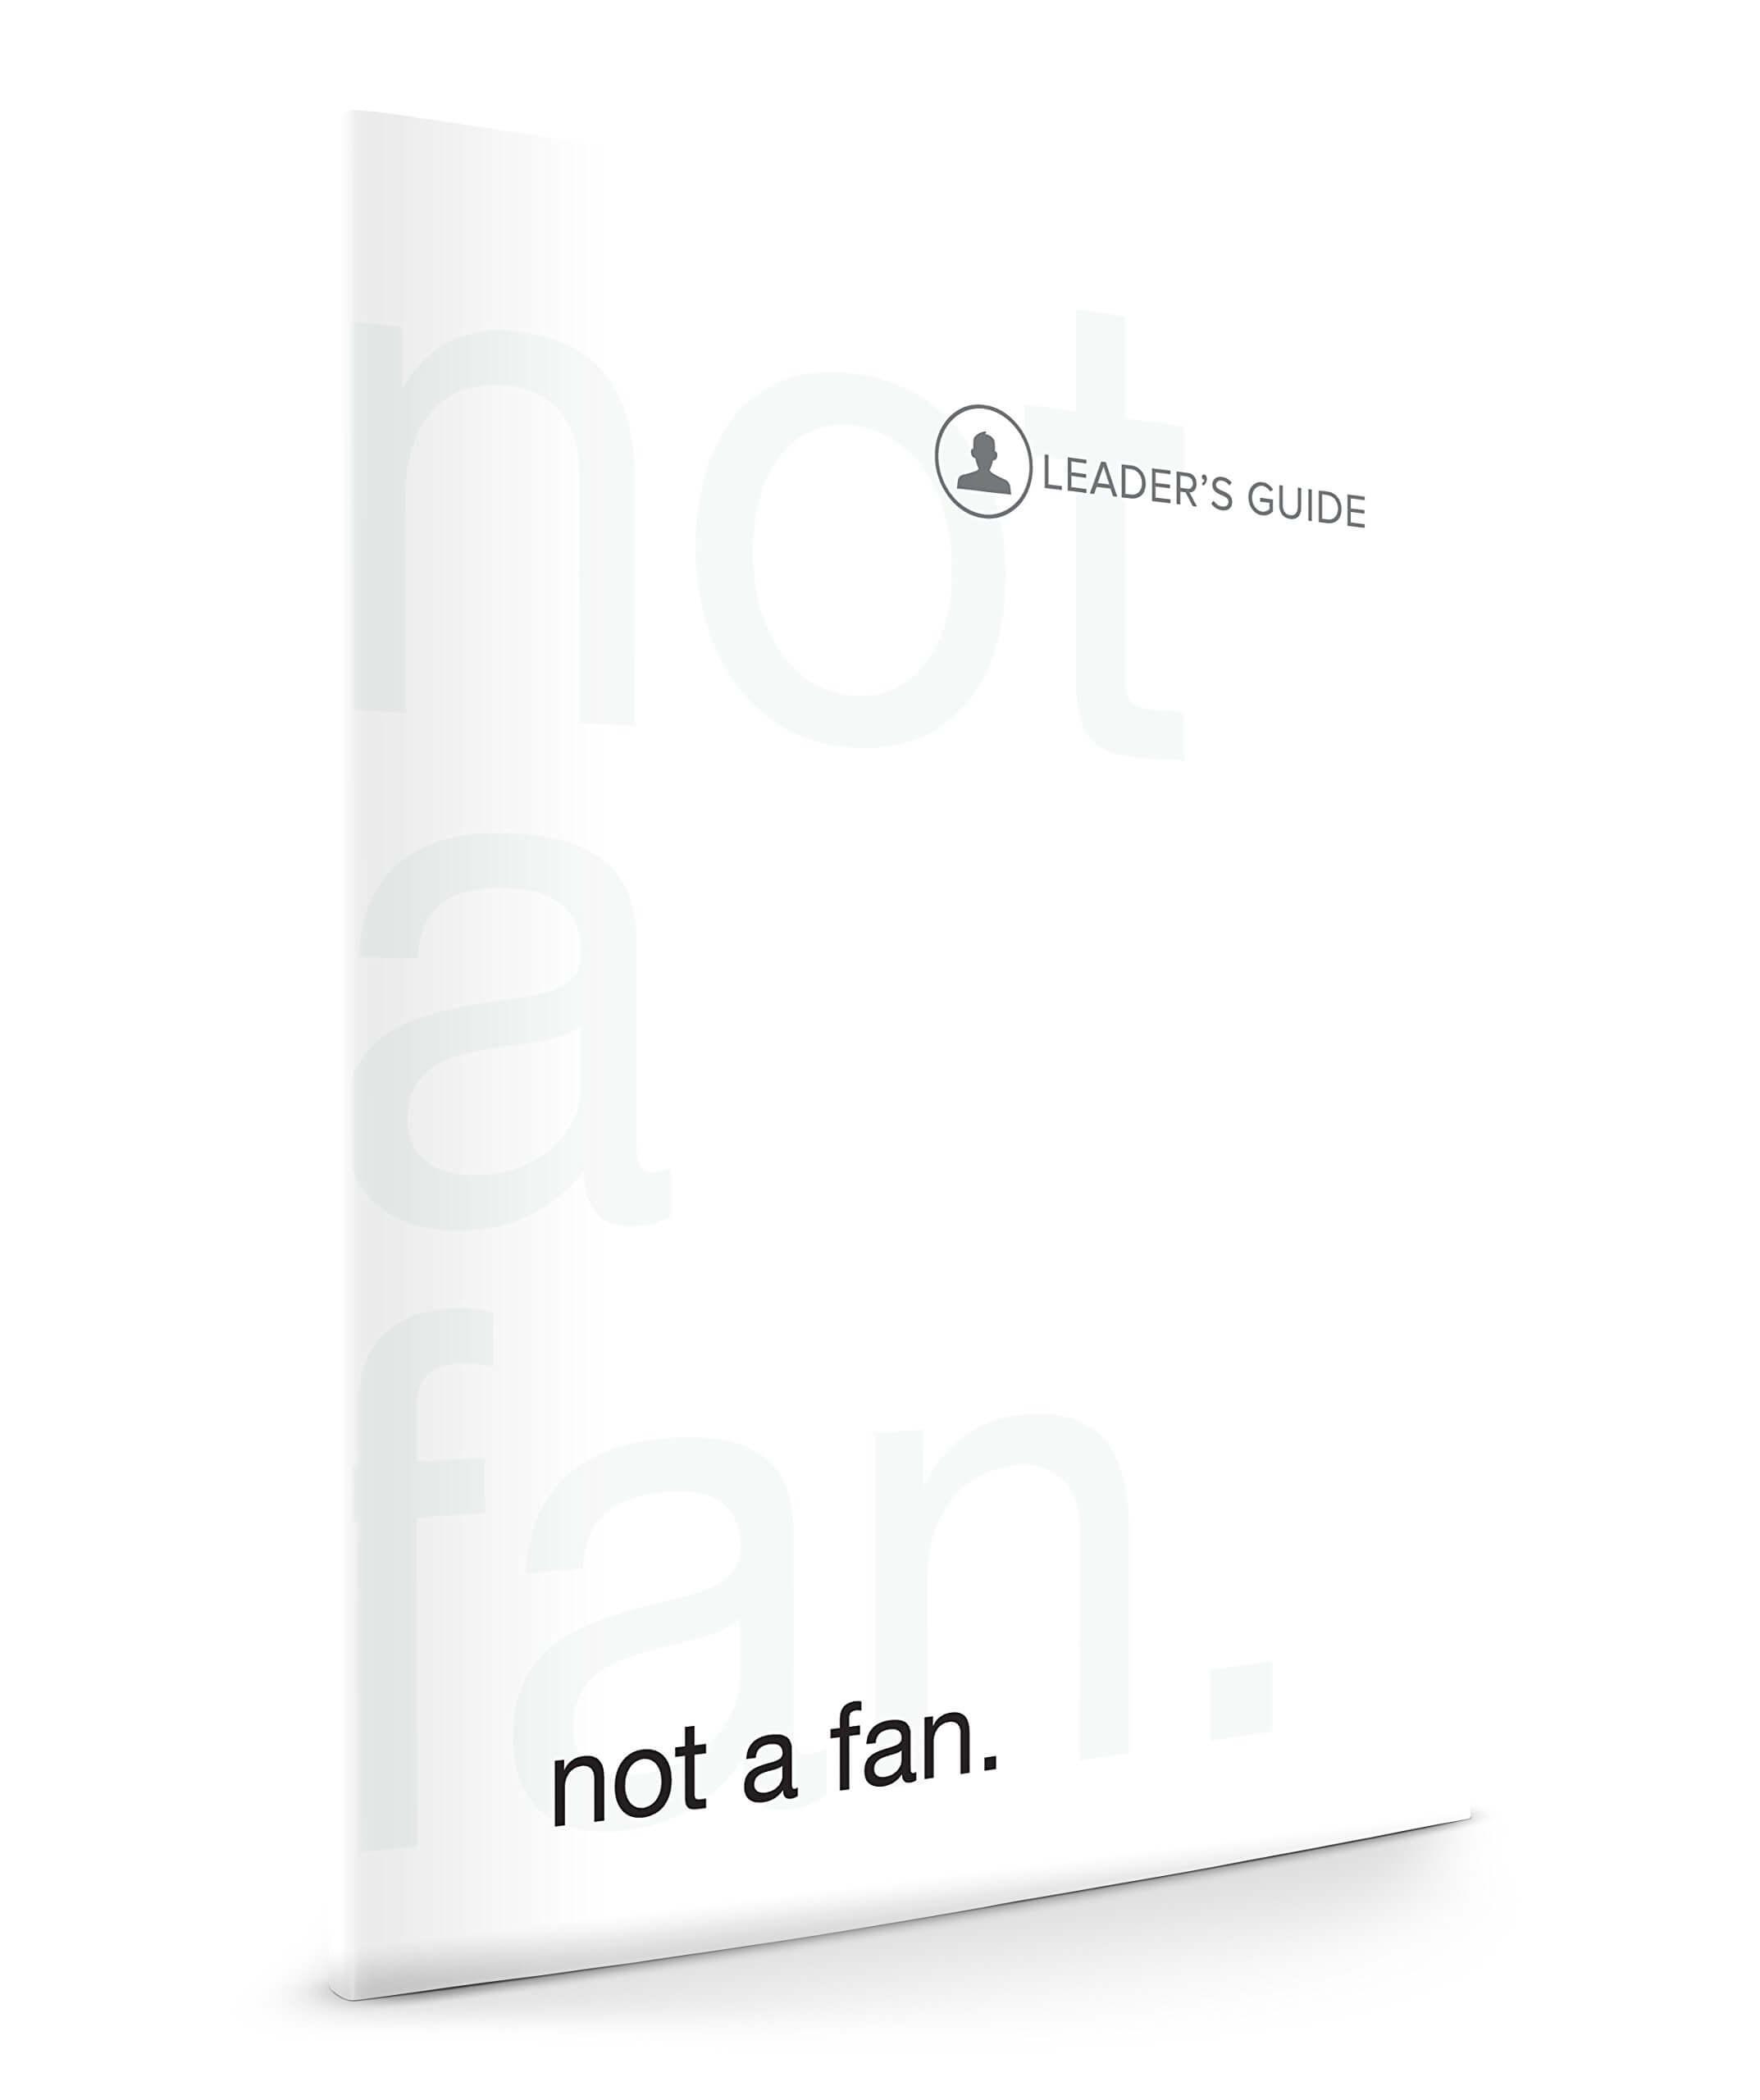 Not-a-Fan-Leaders-Guide